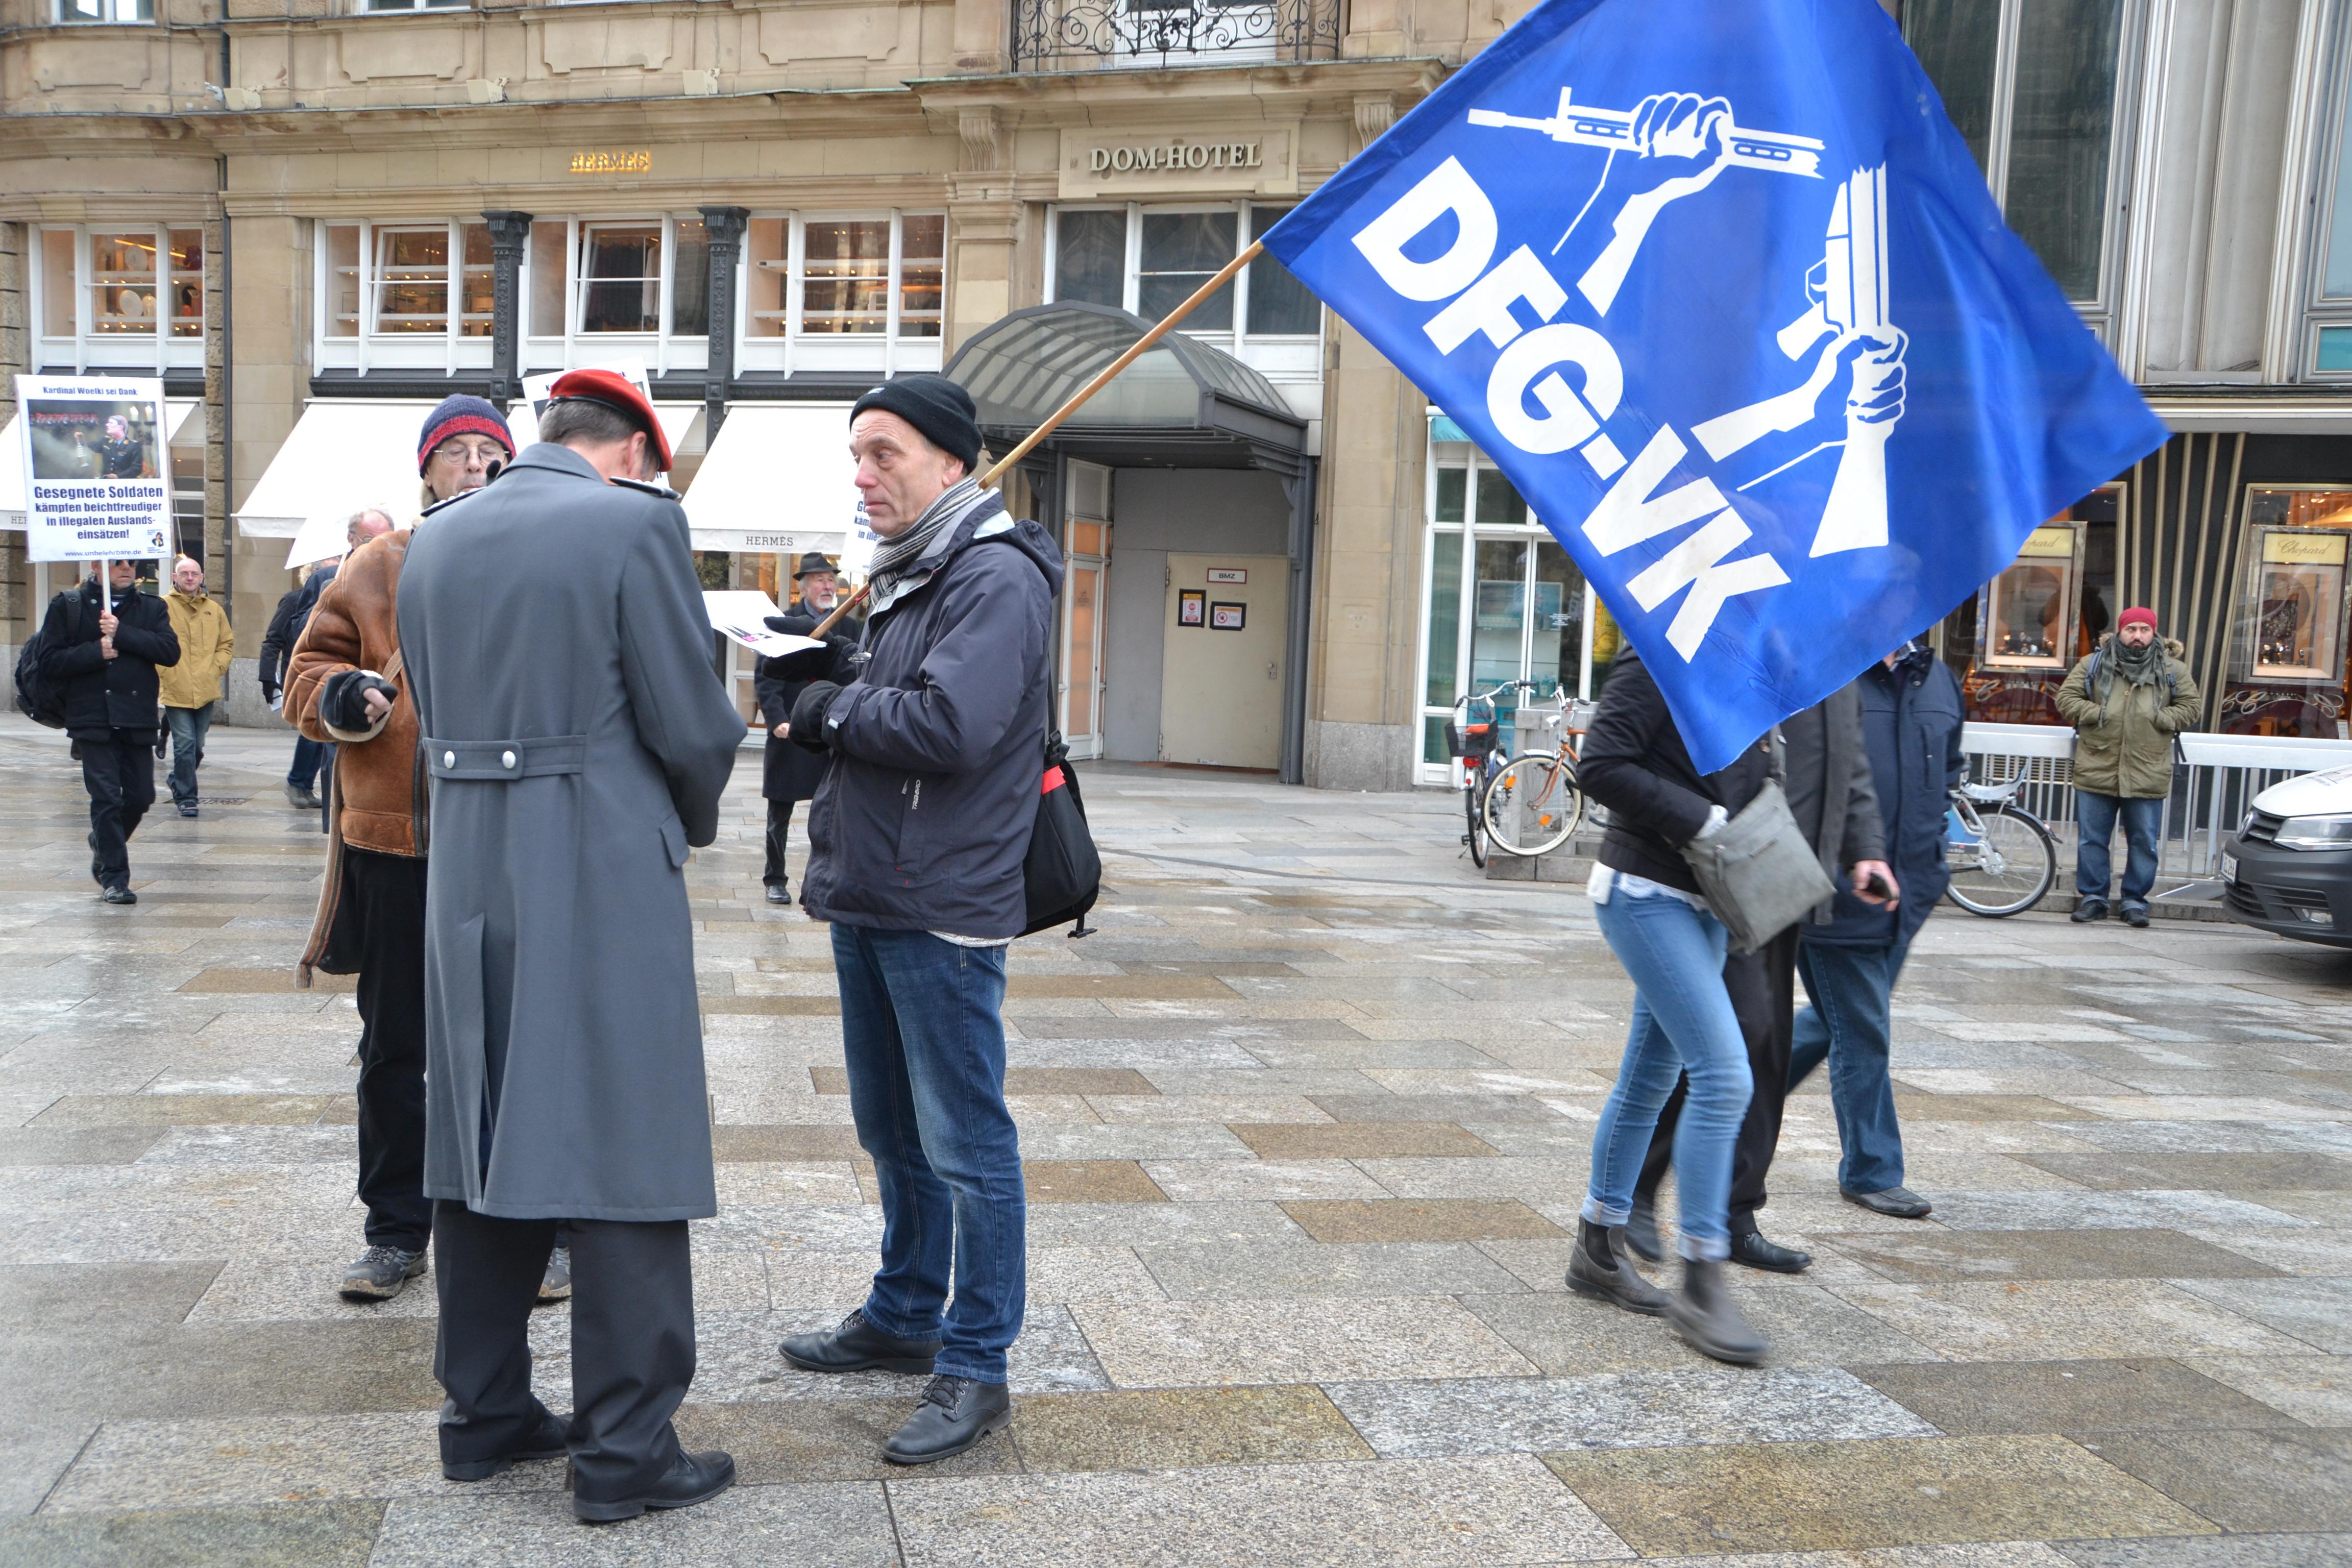 Ein älterer Mann mit dunkler Mütze und einer blau-weißen DFG-VK-Fahne mit dem zerbrochenen Gewehr in der Hand spricht mit einem Soldaten in einem langen grauen Mantel und einer weißroten Mütze.